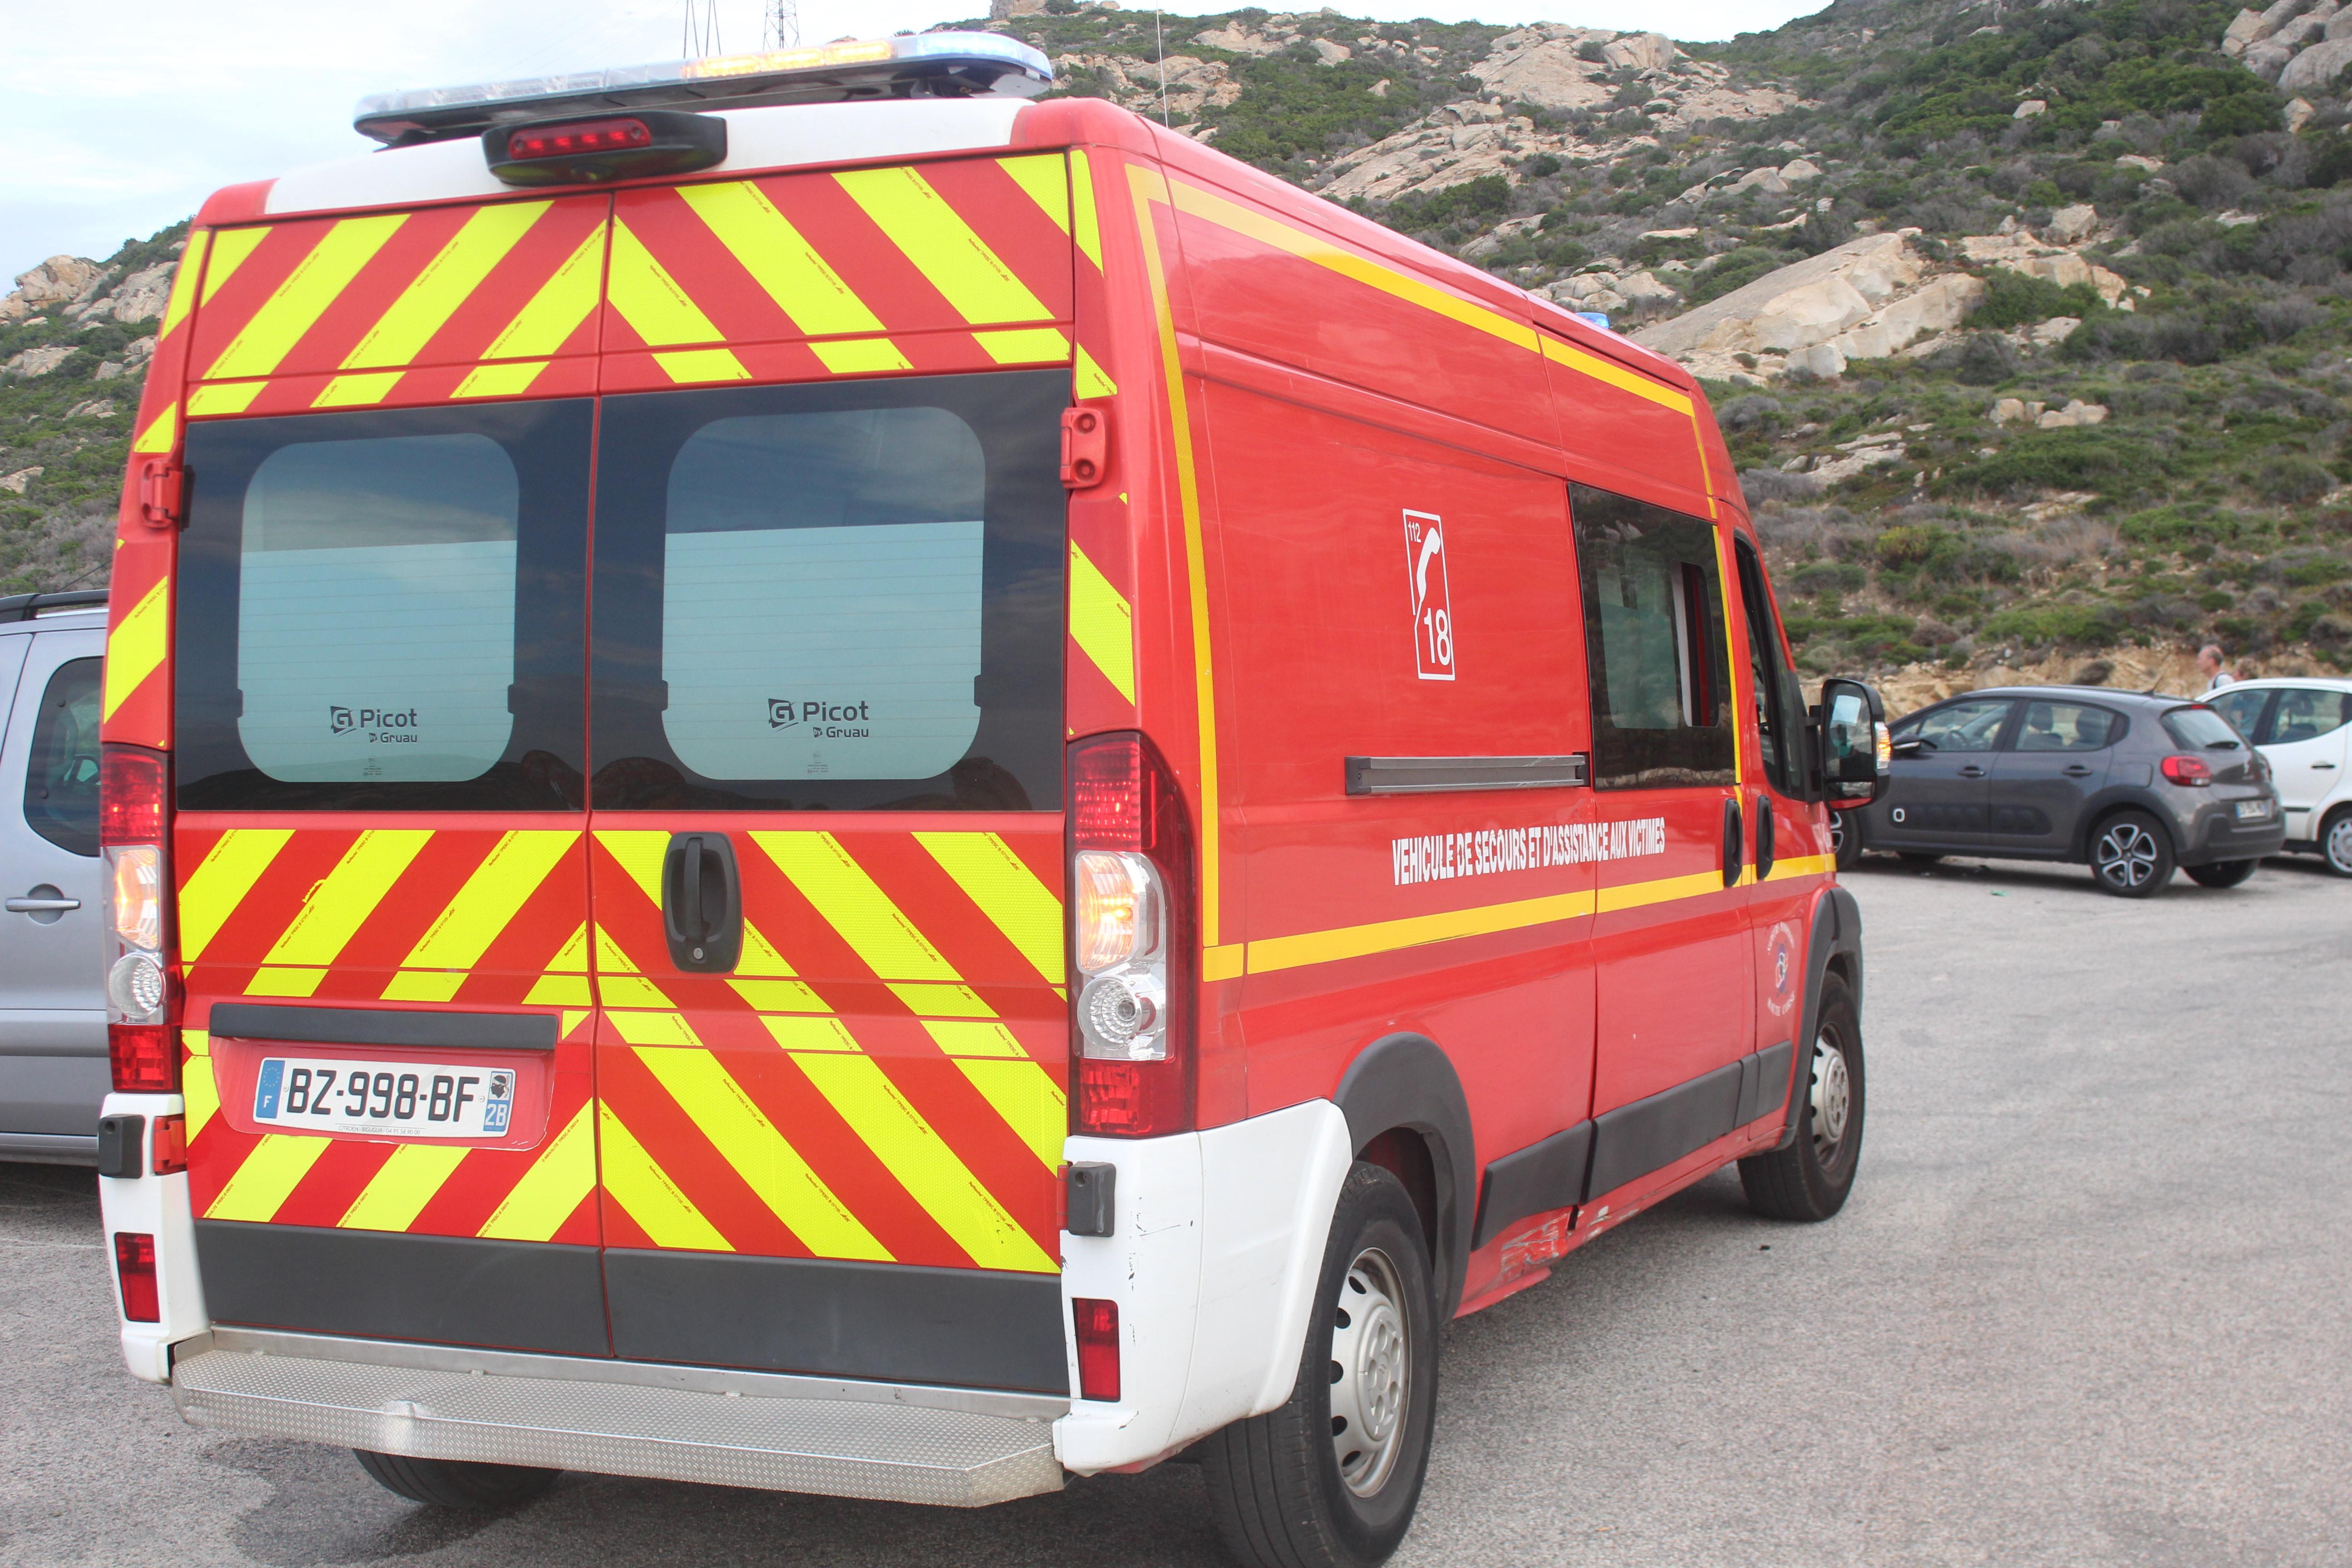 Accident spectaculaire à Calvi: 12 personnes dont deux enfants impliquées !